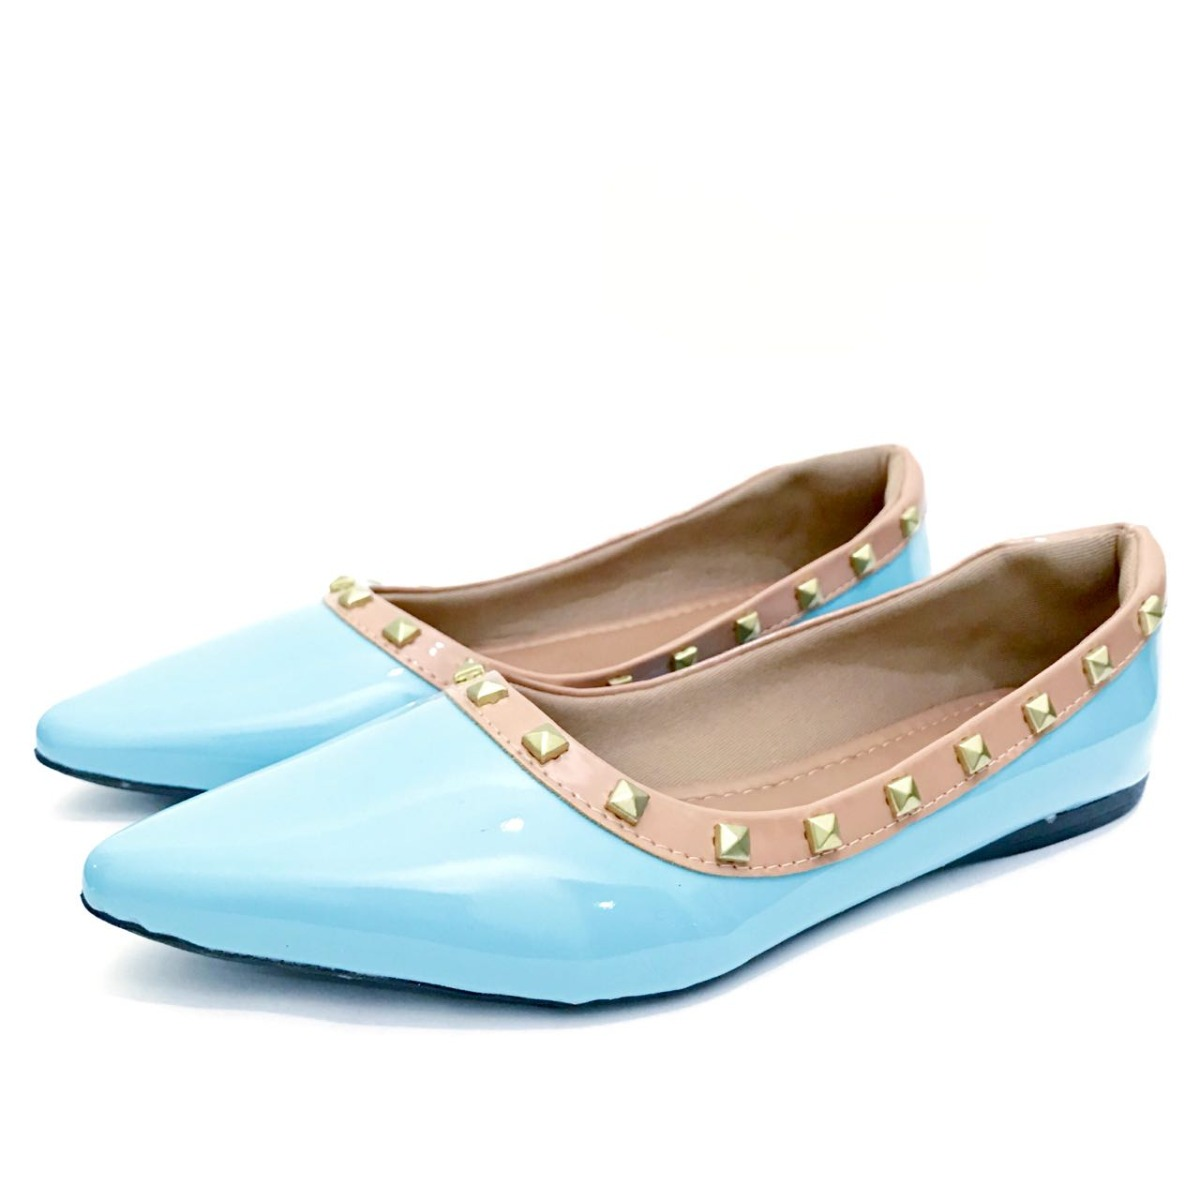 c3ce97f35e3 sapatilha bico fino tachinas spikes azul tiffany confortavel. Carregando  zoom.